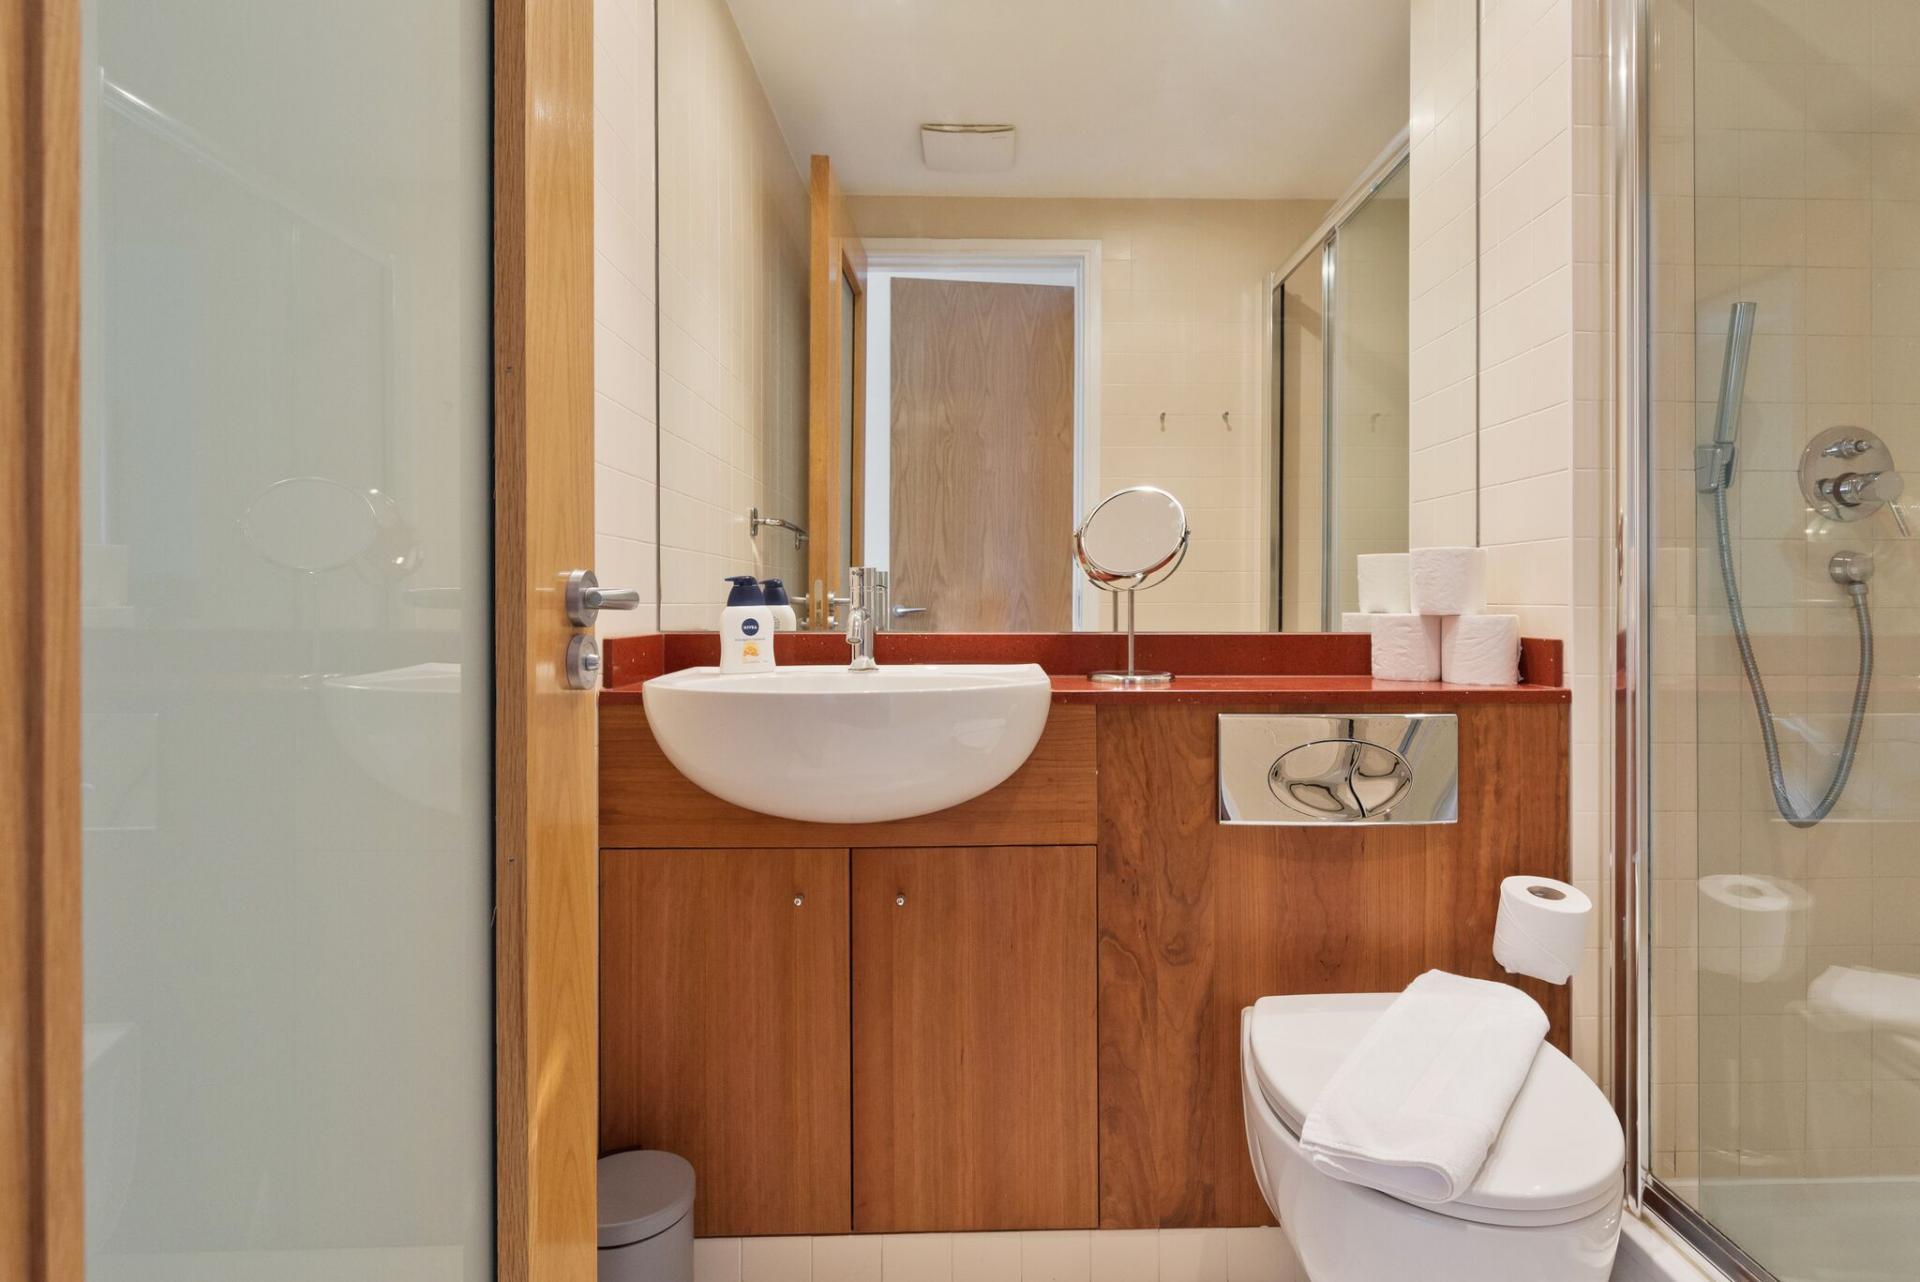 Sink at Hanover Dock Apartments